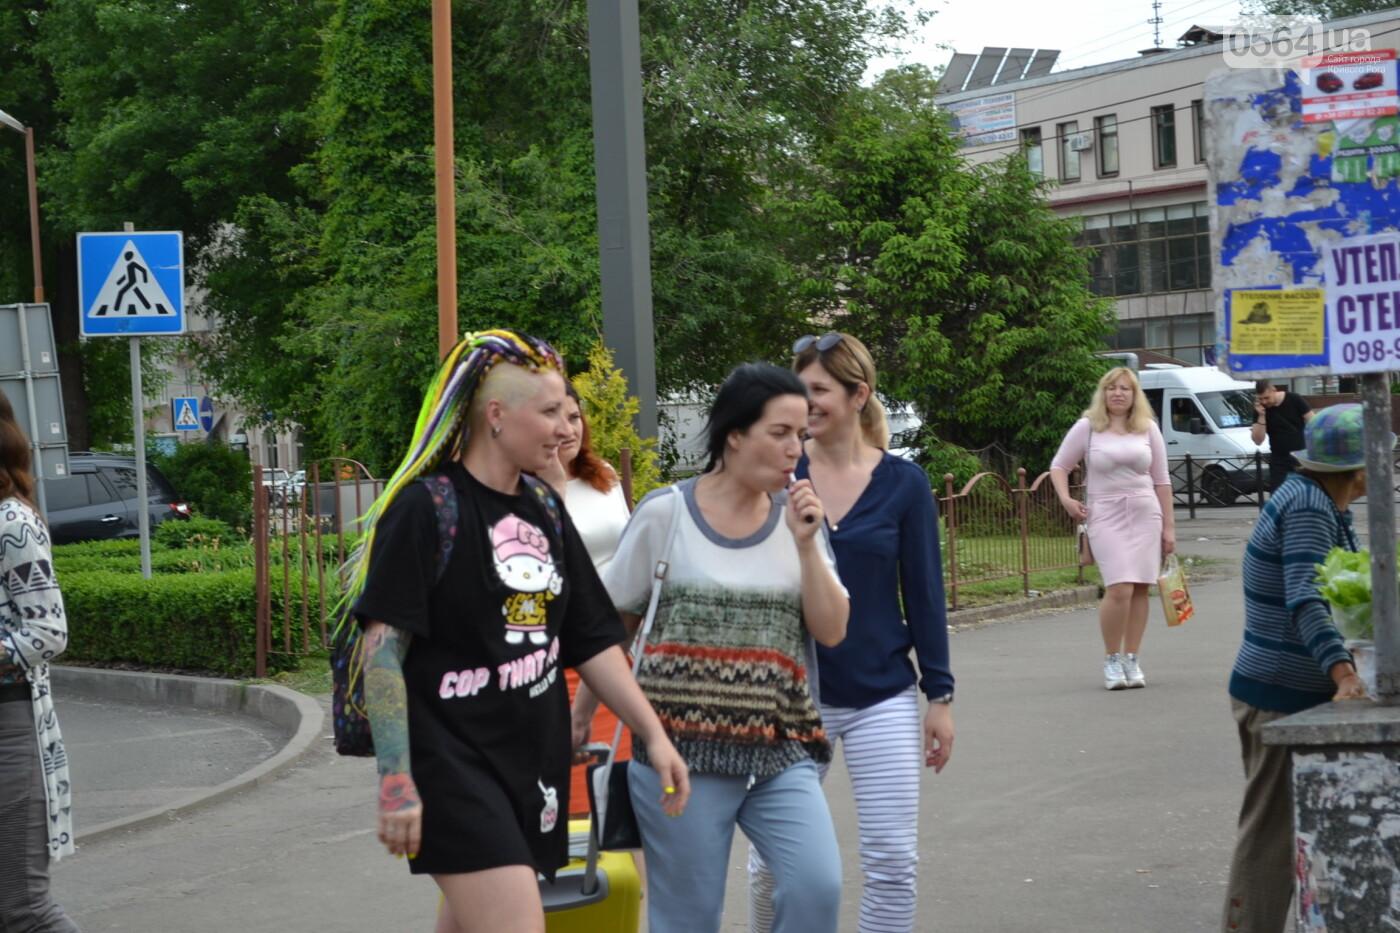 Концерт от Madisan Rock Club: криворожские музыканты поддержали юную Алину Михалковскую, - ФОТО, ВИДЕО, фото-24